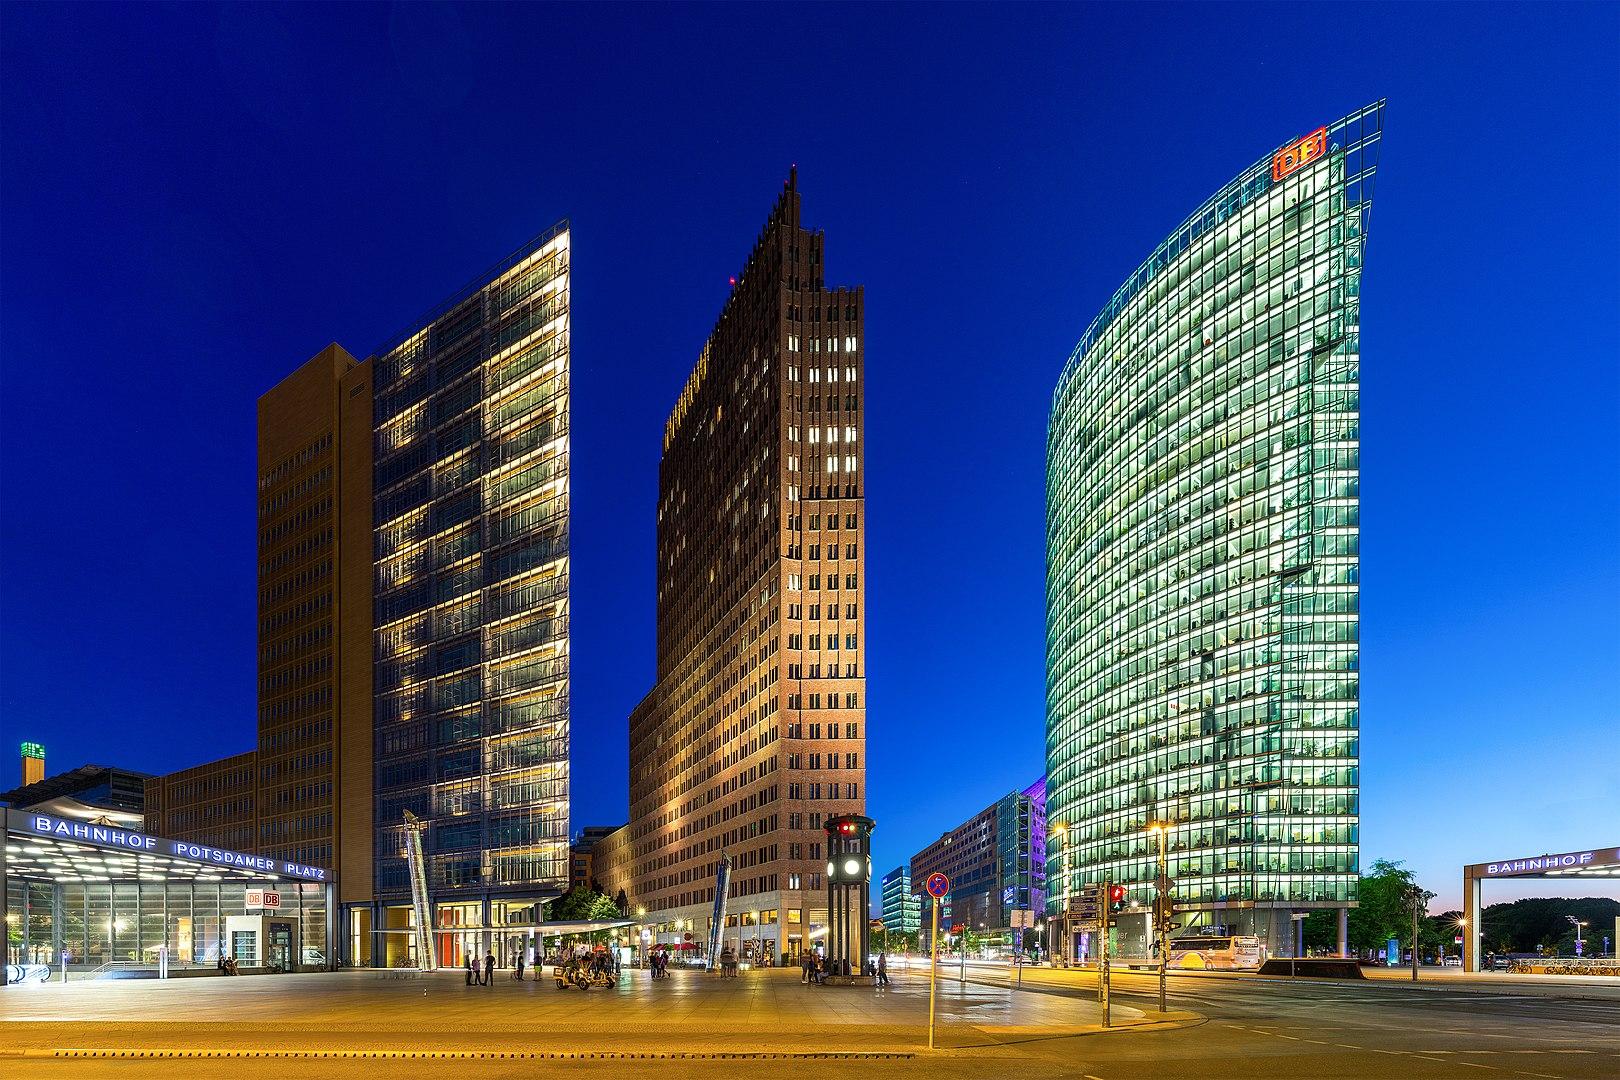 1620px Hochh%C3%A4user am Potsdamer Platz%2C Berlin%2C 160606%2C ako ✧ Das erste Mal in Berlin - Was Sie unbedingt besuchen müssen! ✧ Local City Guide